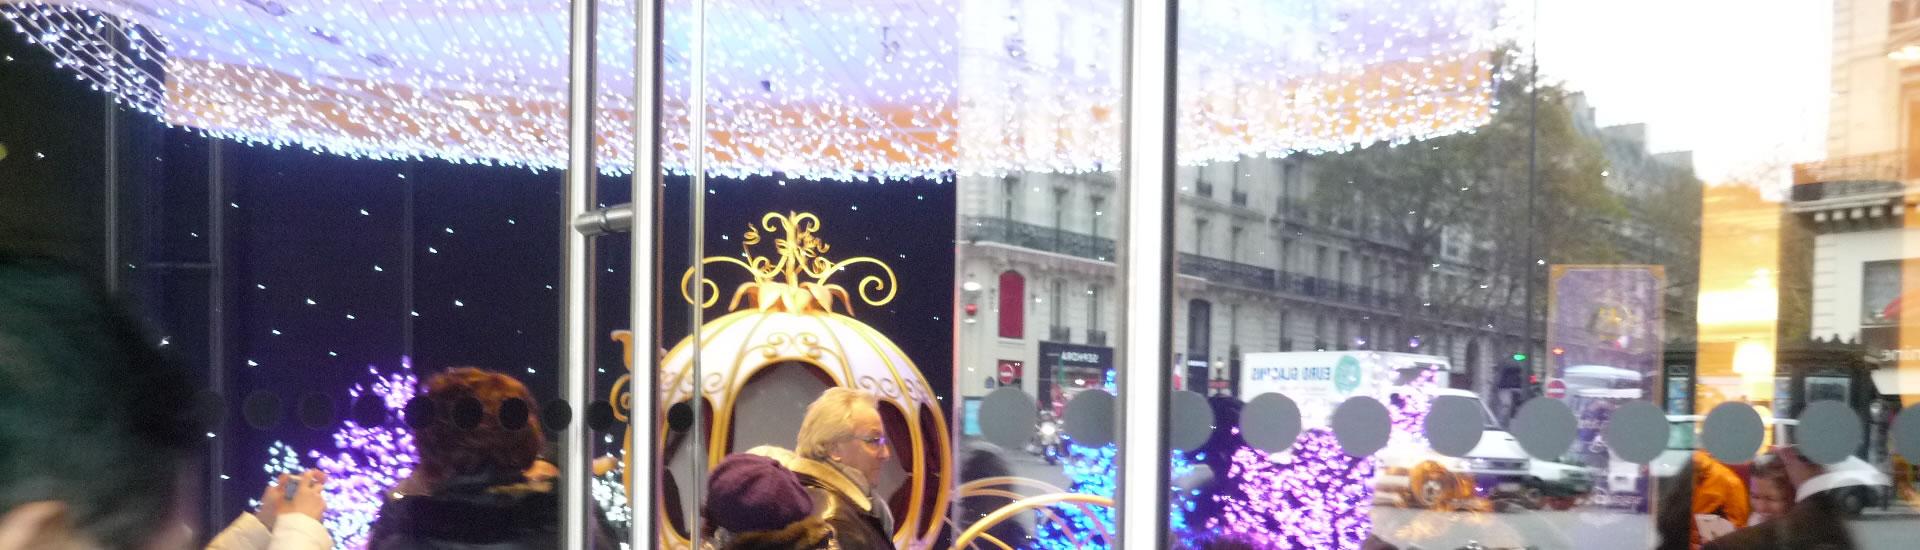 Décoration de vitrine de Noël